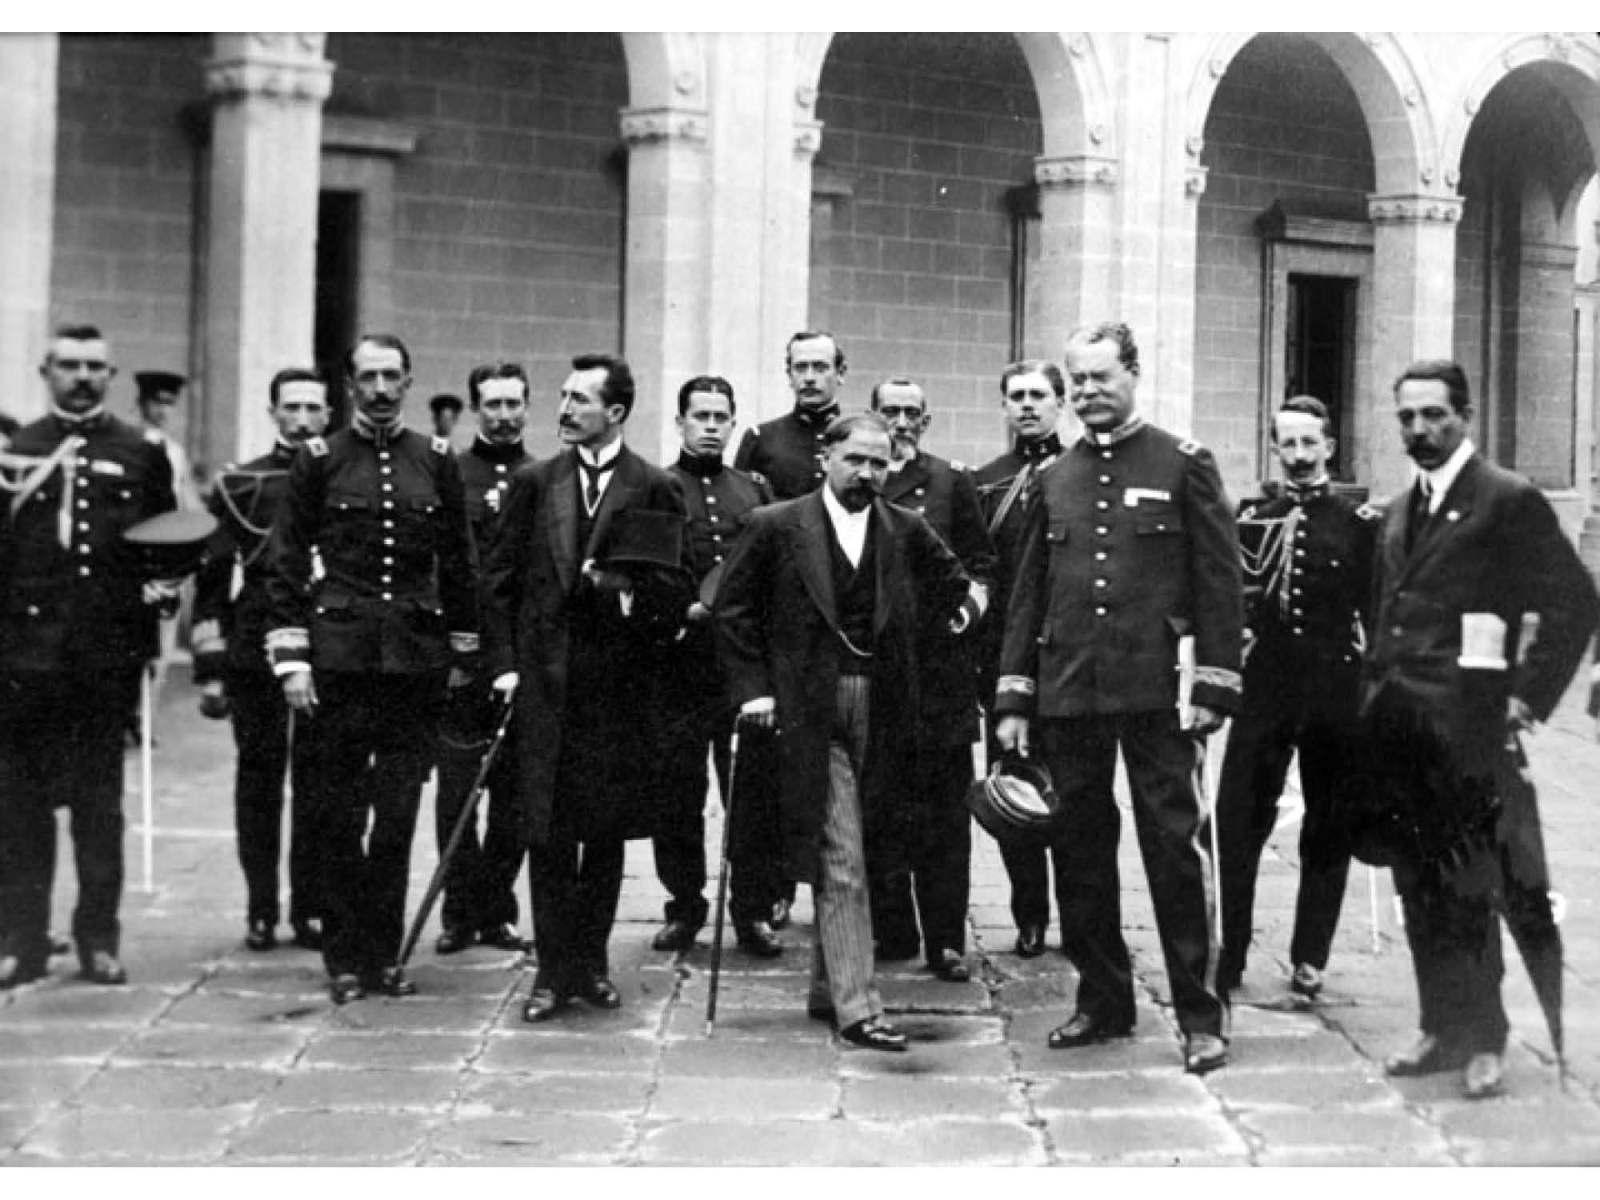 Francisco I. Madero al centro, en compañía de su guardia personal y de José María Pino Suárez; quienes tomaron posesión oficial de los cargos de Presidente y Vicepresidente de la República, respectivamente.